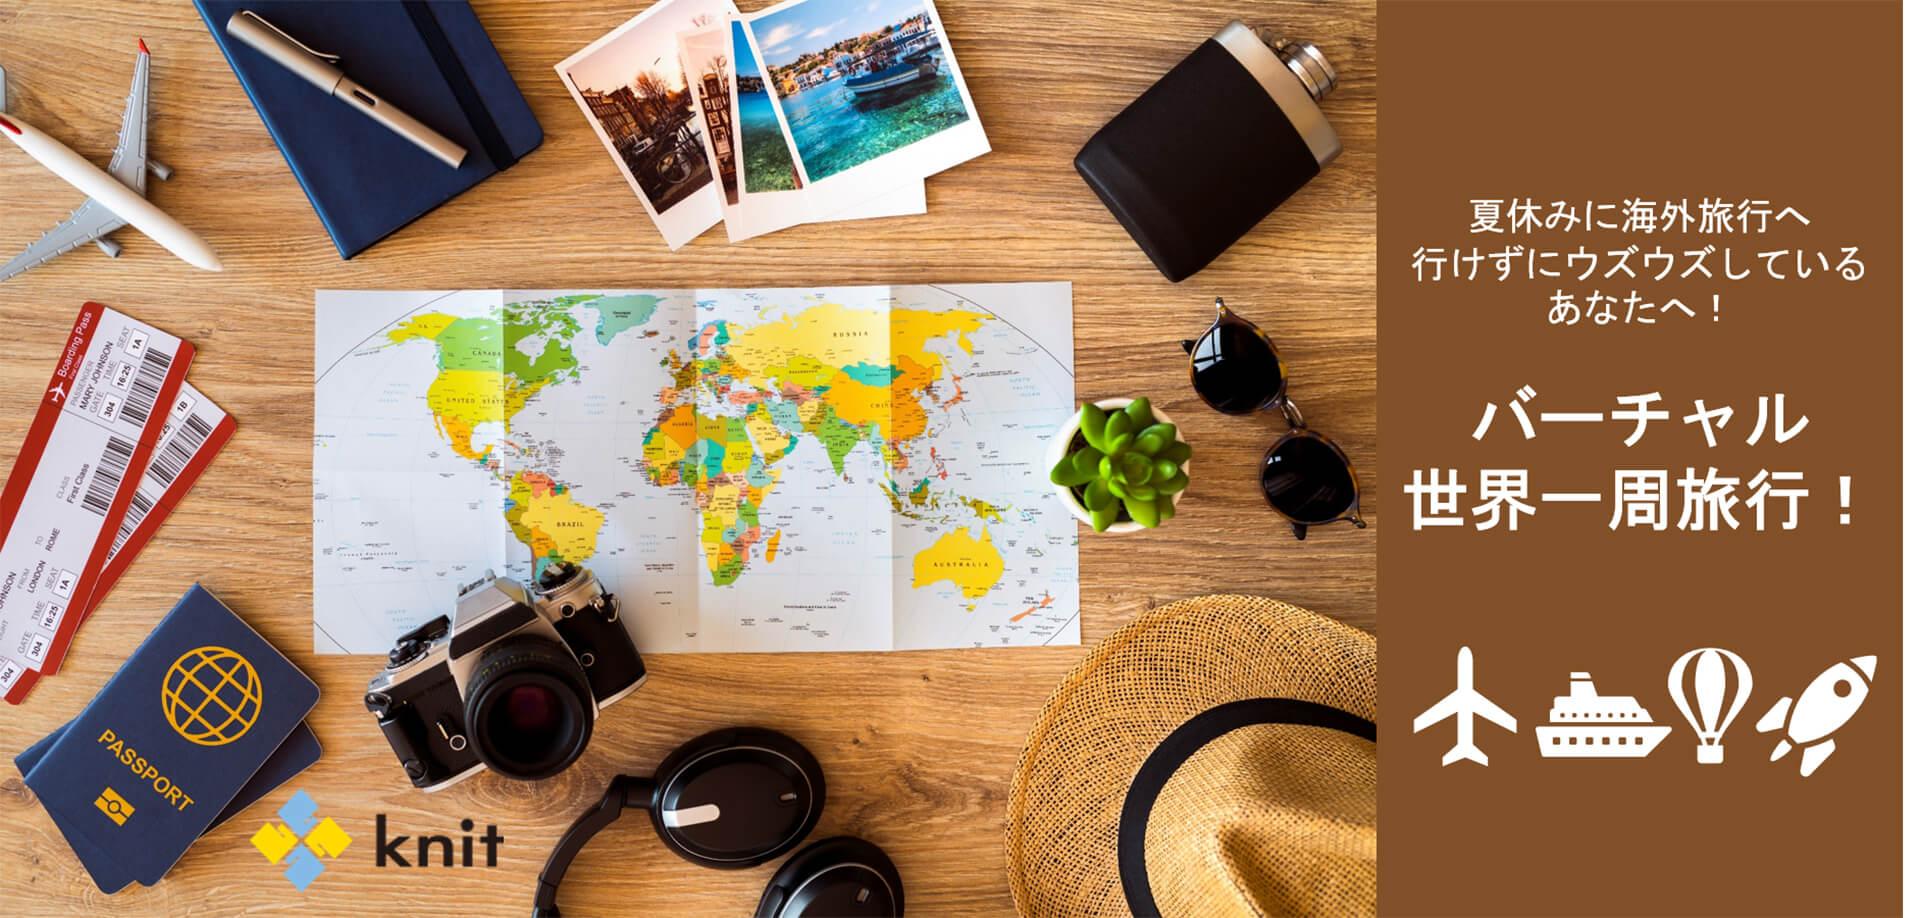 バーチャル世界一周旅行